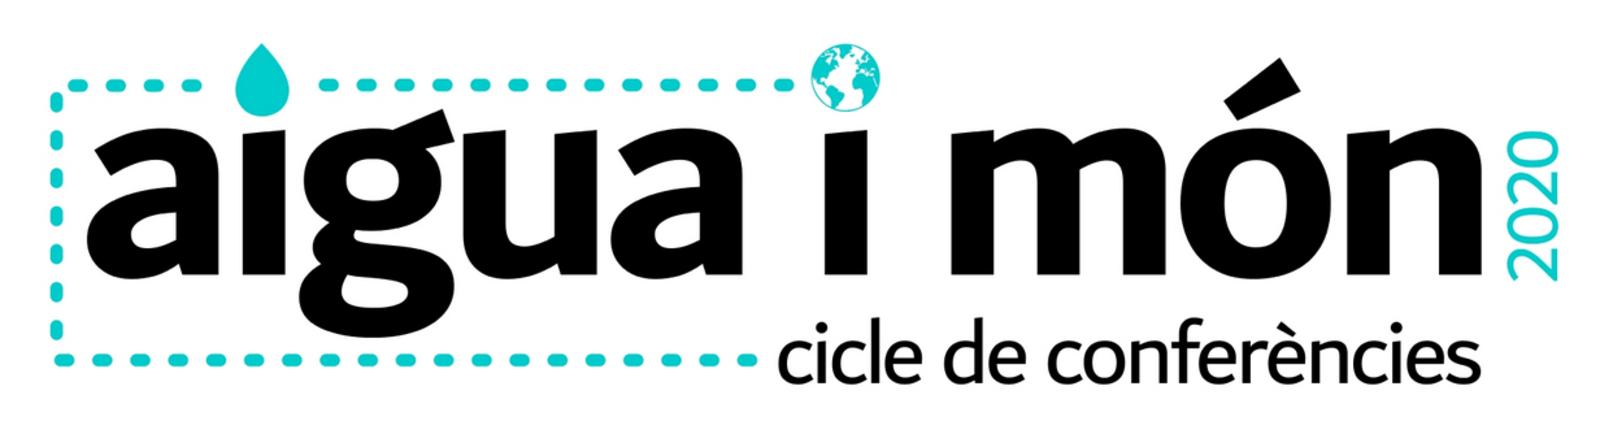 Ciclo de conferencias 'Aigua i món'